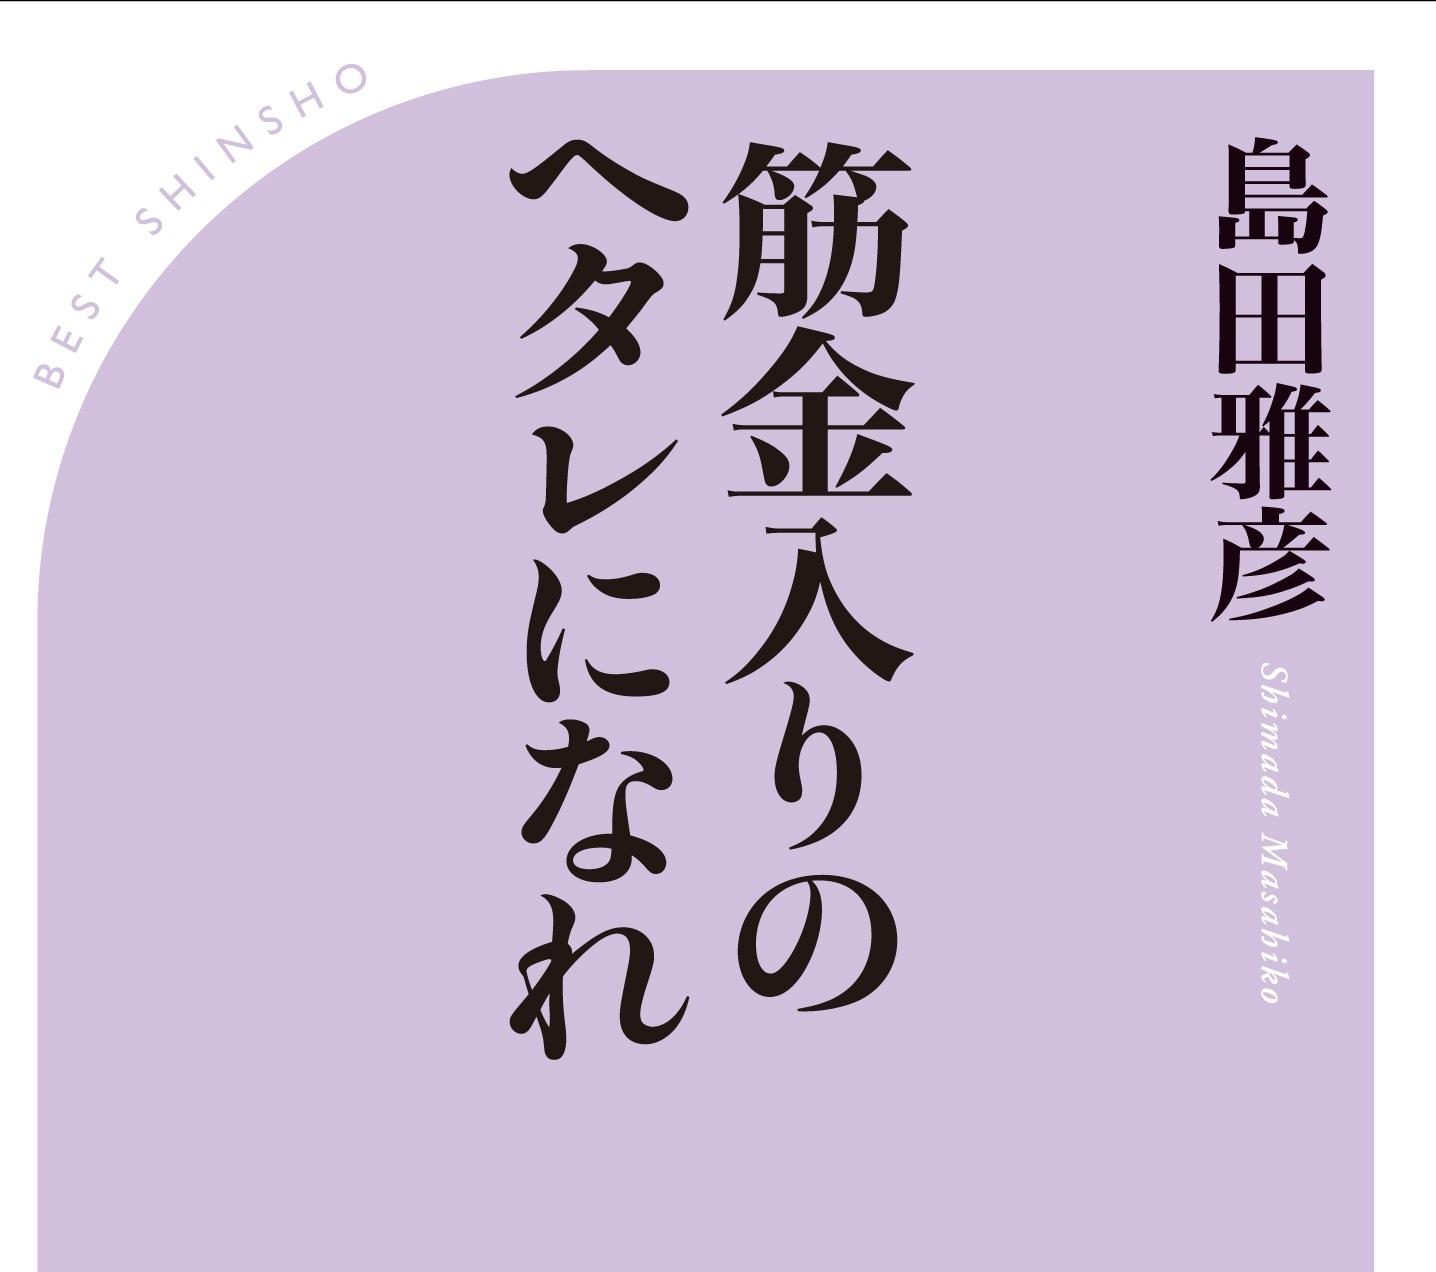 辞職した舛添要一・元東京都知事に見る<br />「犬も食わないメンツ」